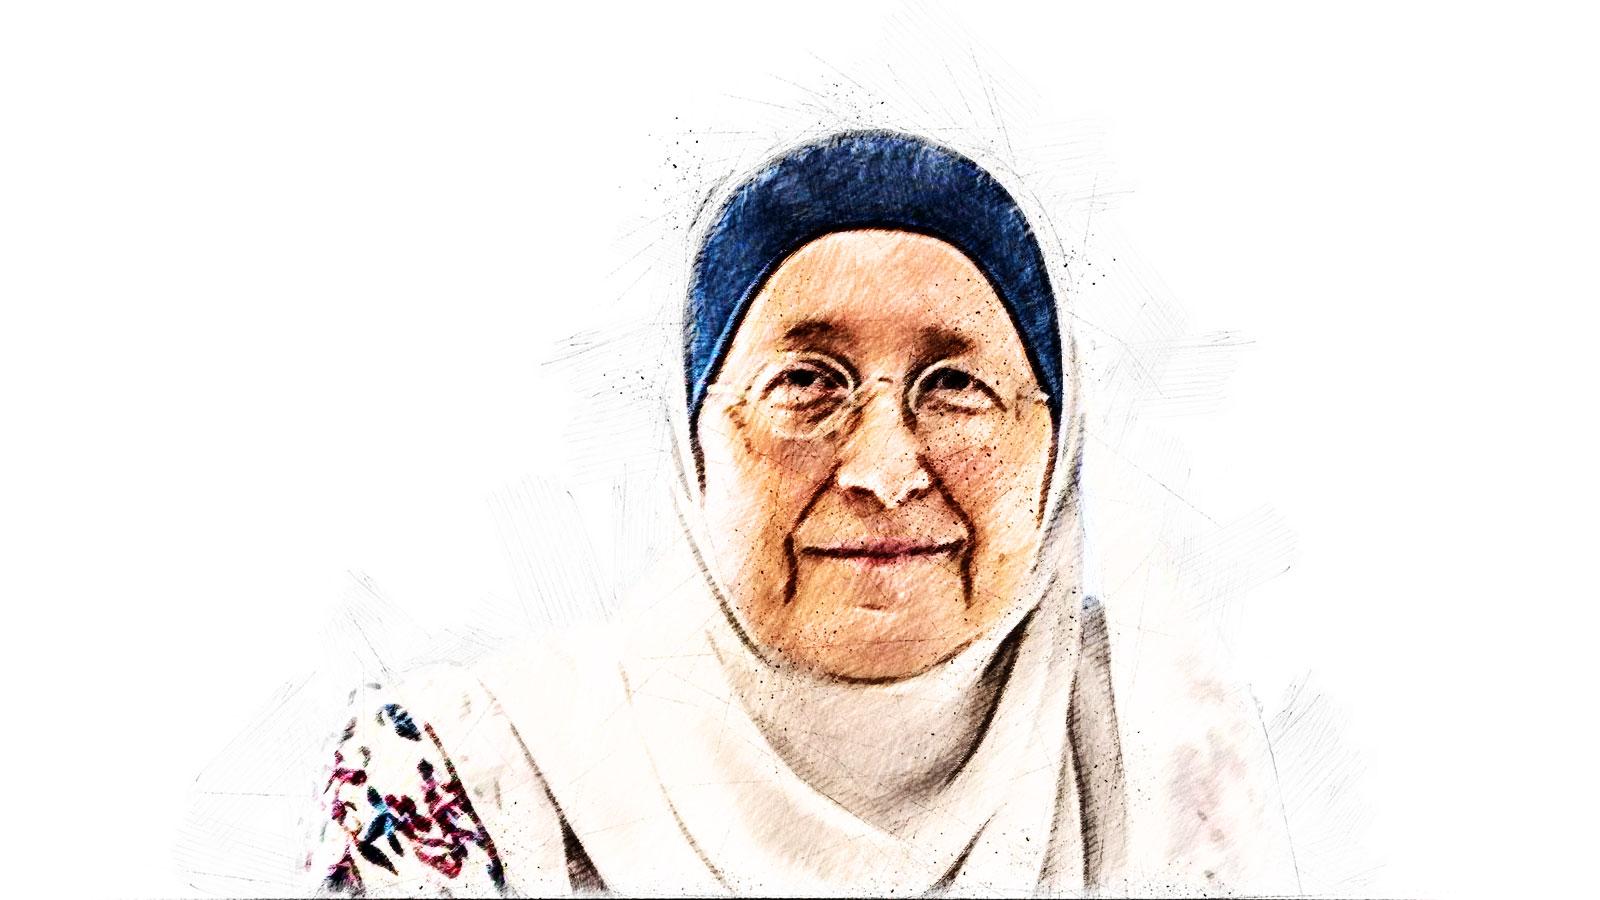 Gabriele Boos-Niazy, Kopftuch, Muslime, Islam, Kopftuchverbot, Religionsfreiheit